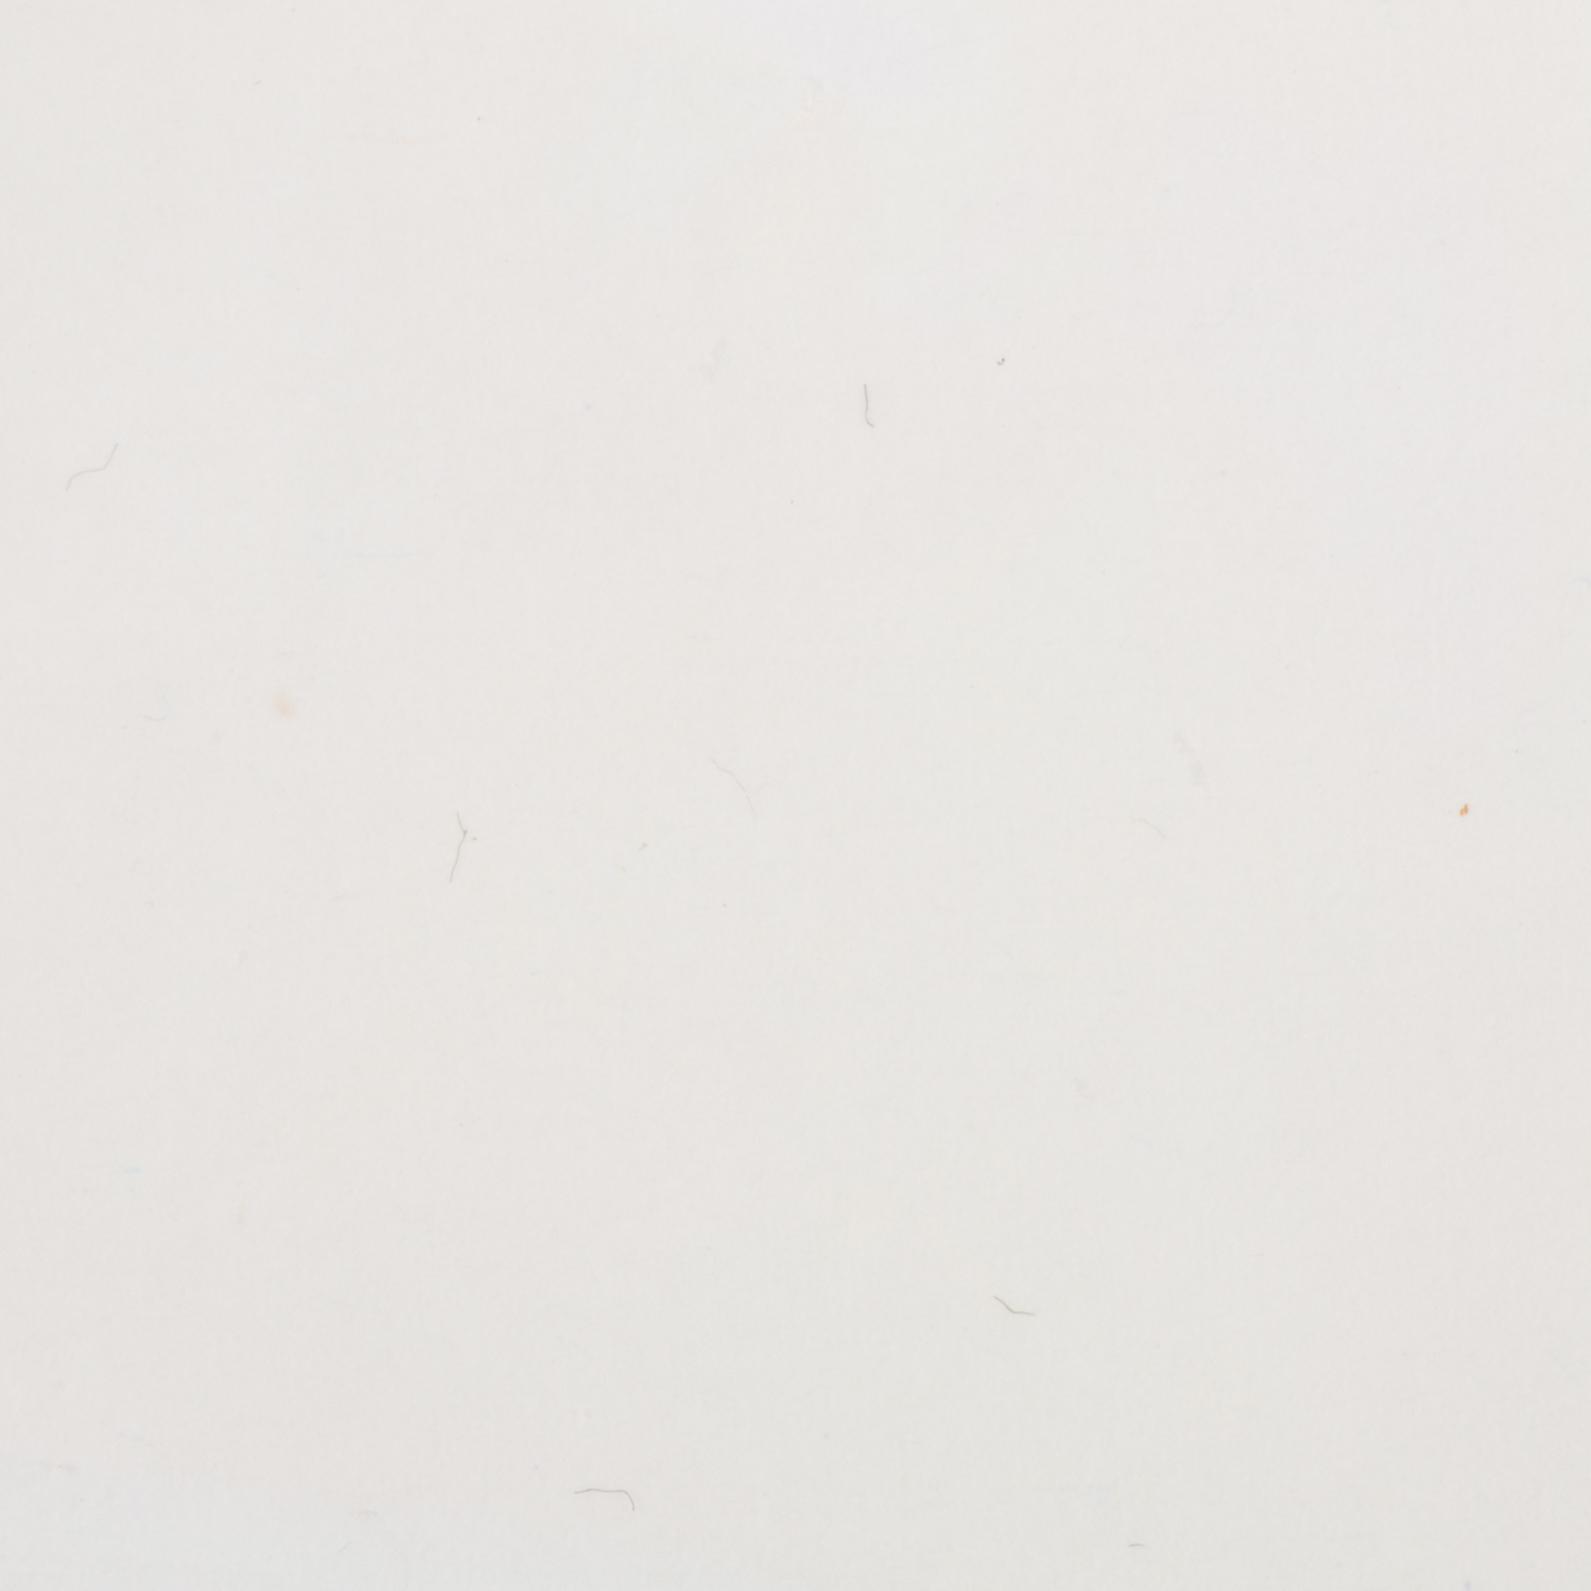 Naglar Transfer Foil Mysterious Hologram - 1,5 m x 4,8 cm